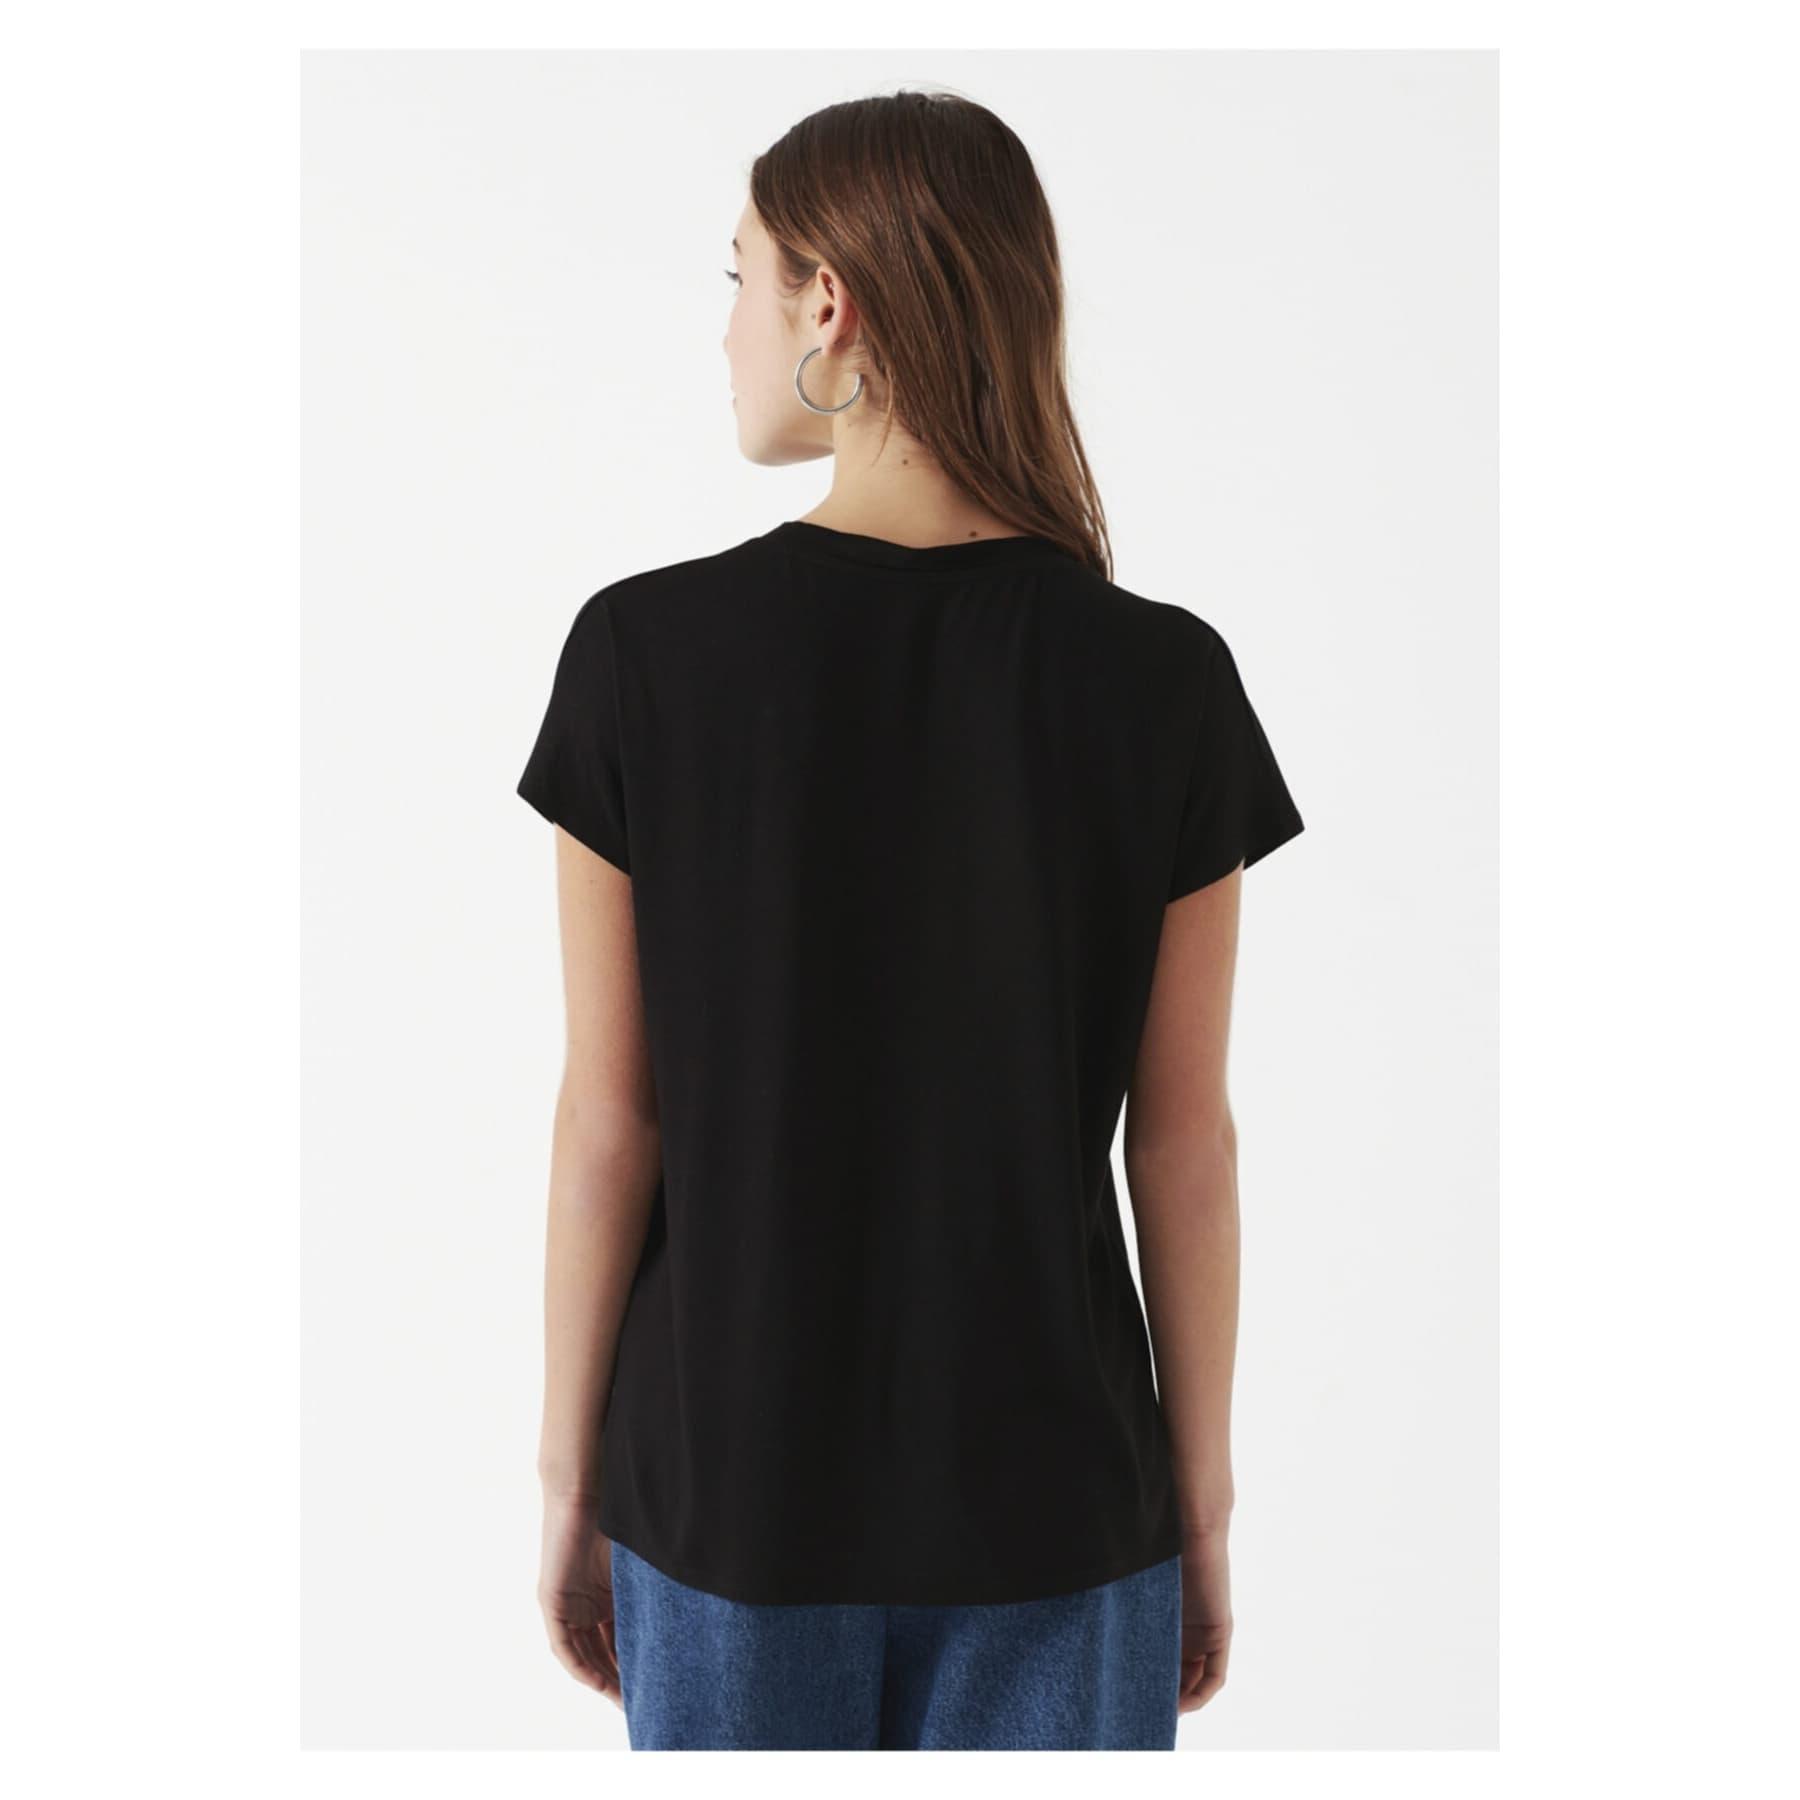 Mavi V Yaka Kadın Siyah Basic Tişört (oversize)